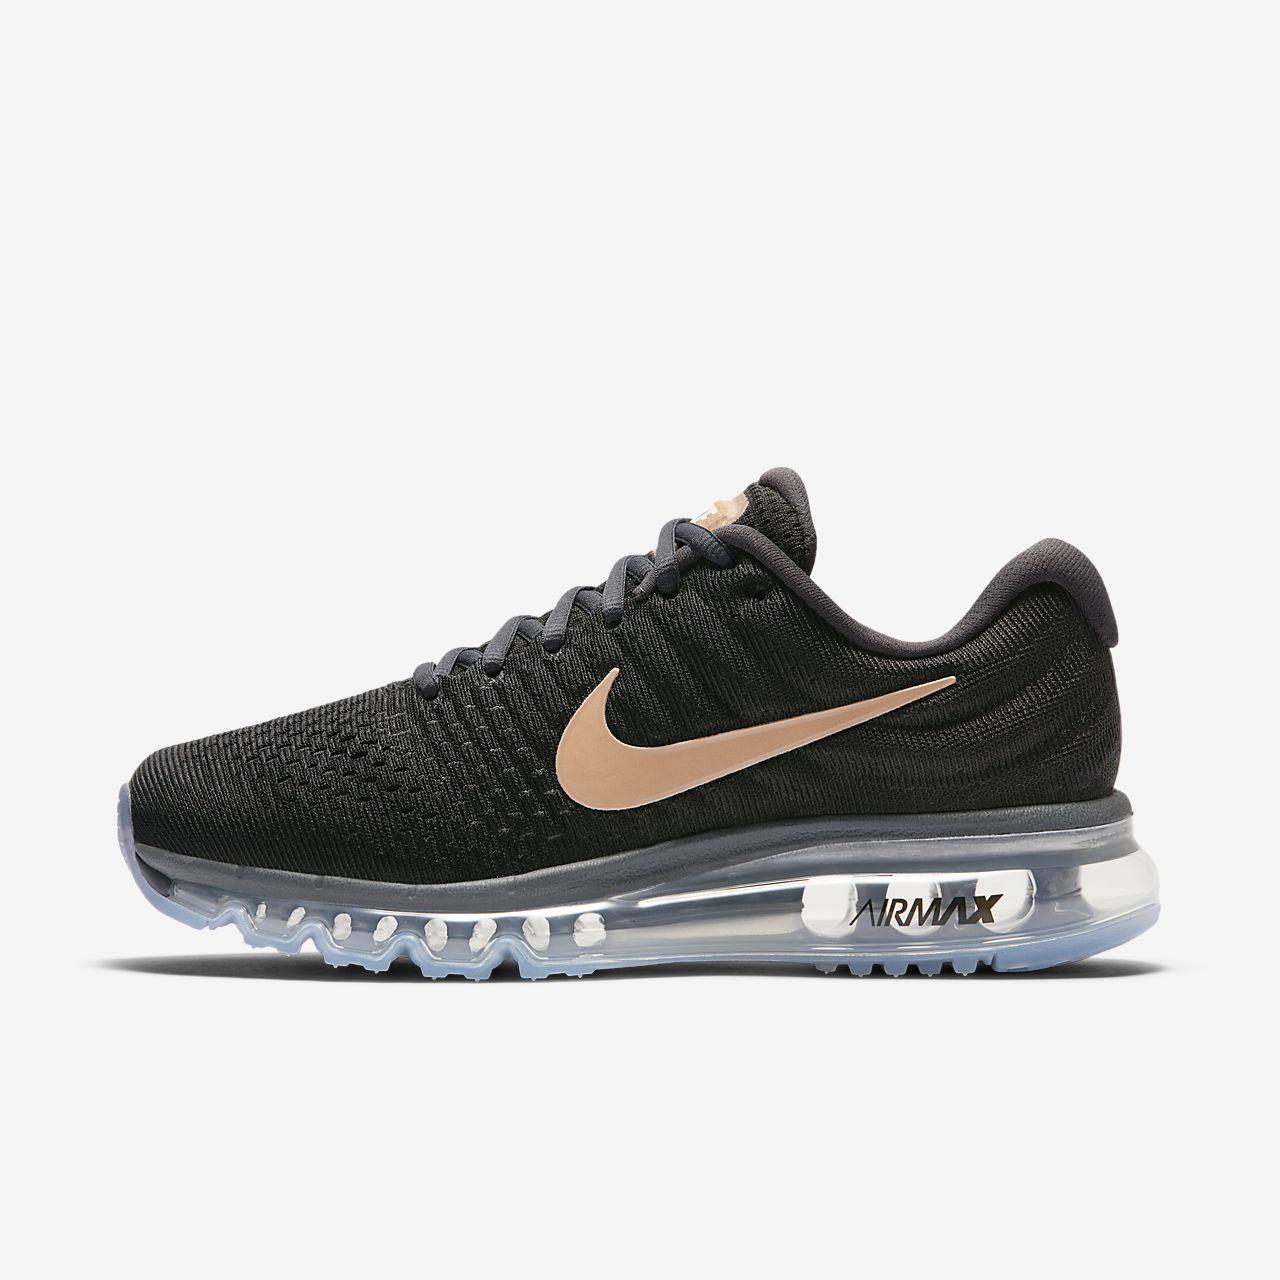 Nike Air Max 90 Kadınlar Spor Ayakkabısı Siyah Pembe Nefes